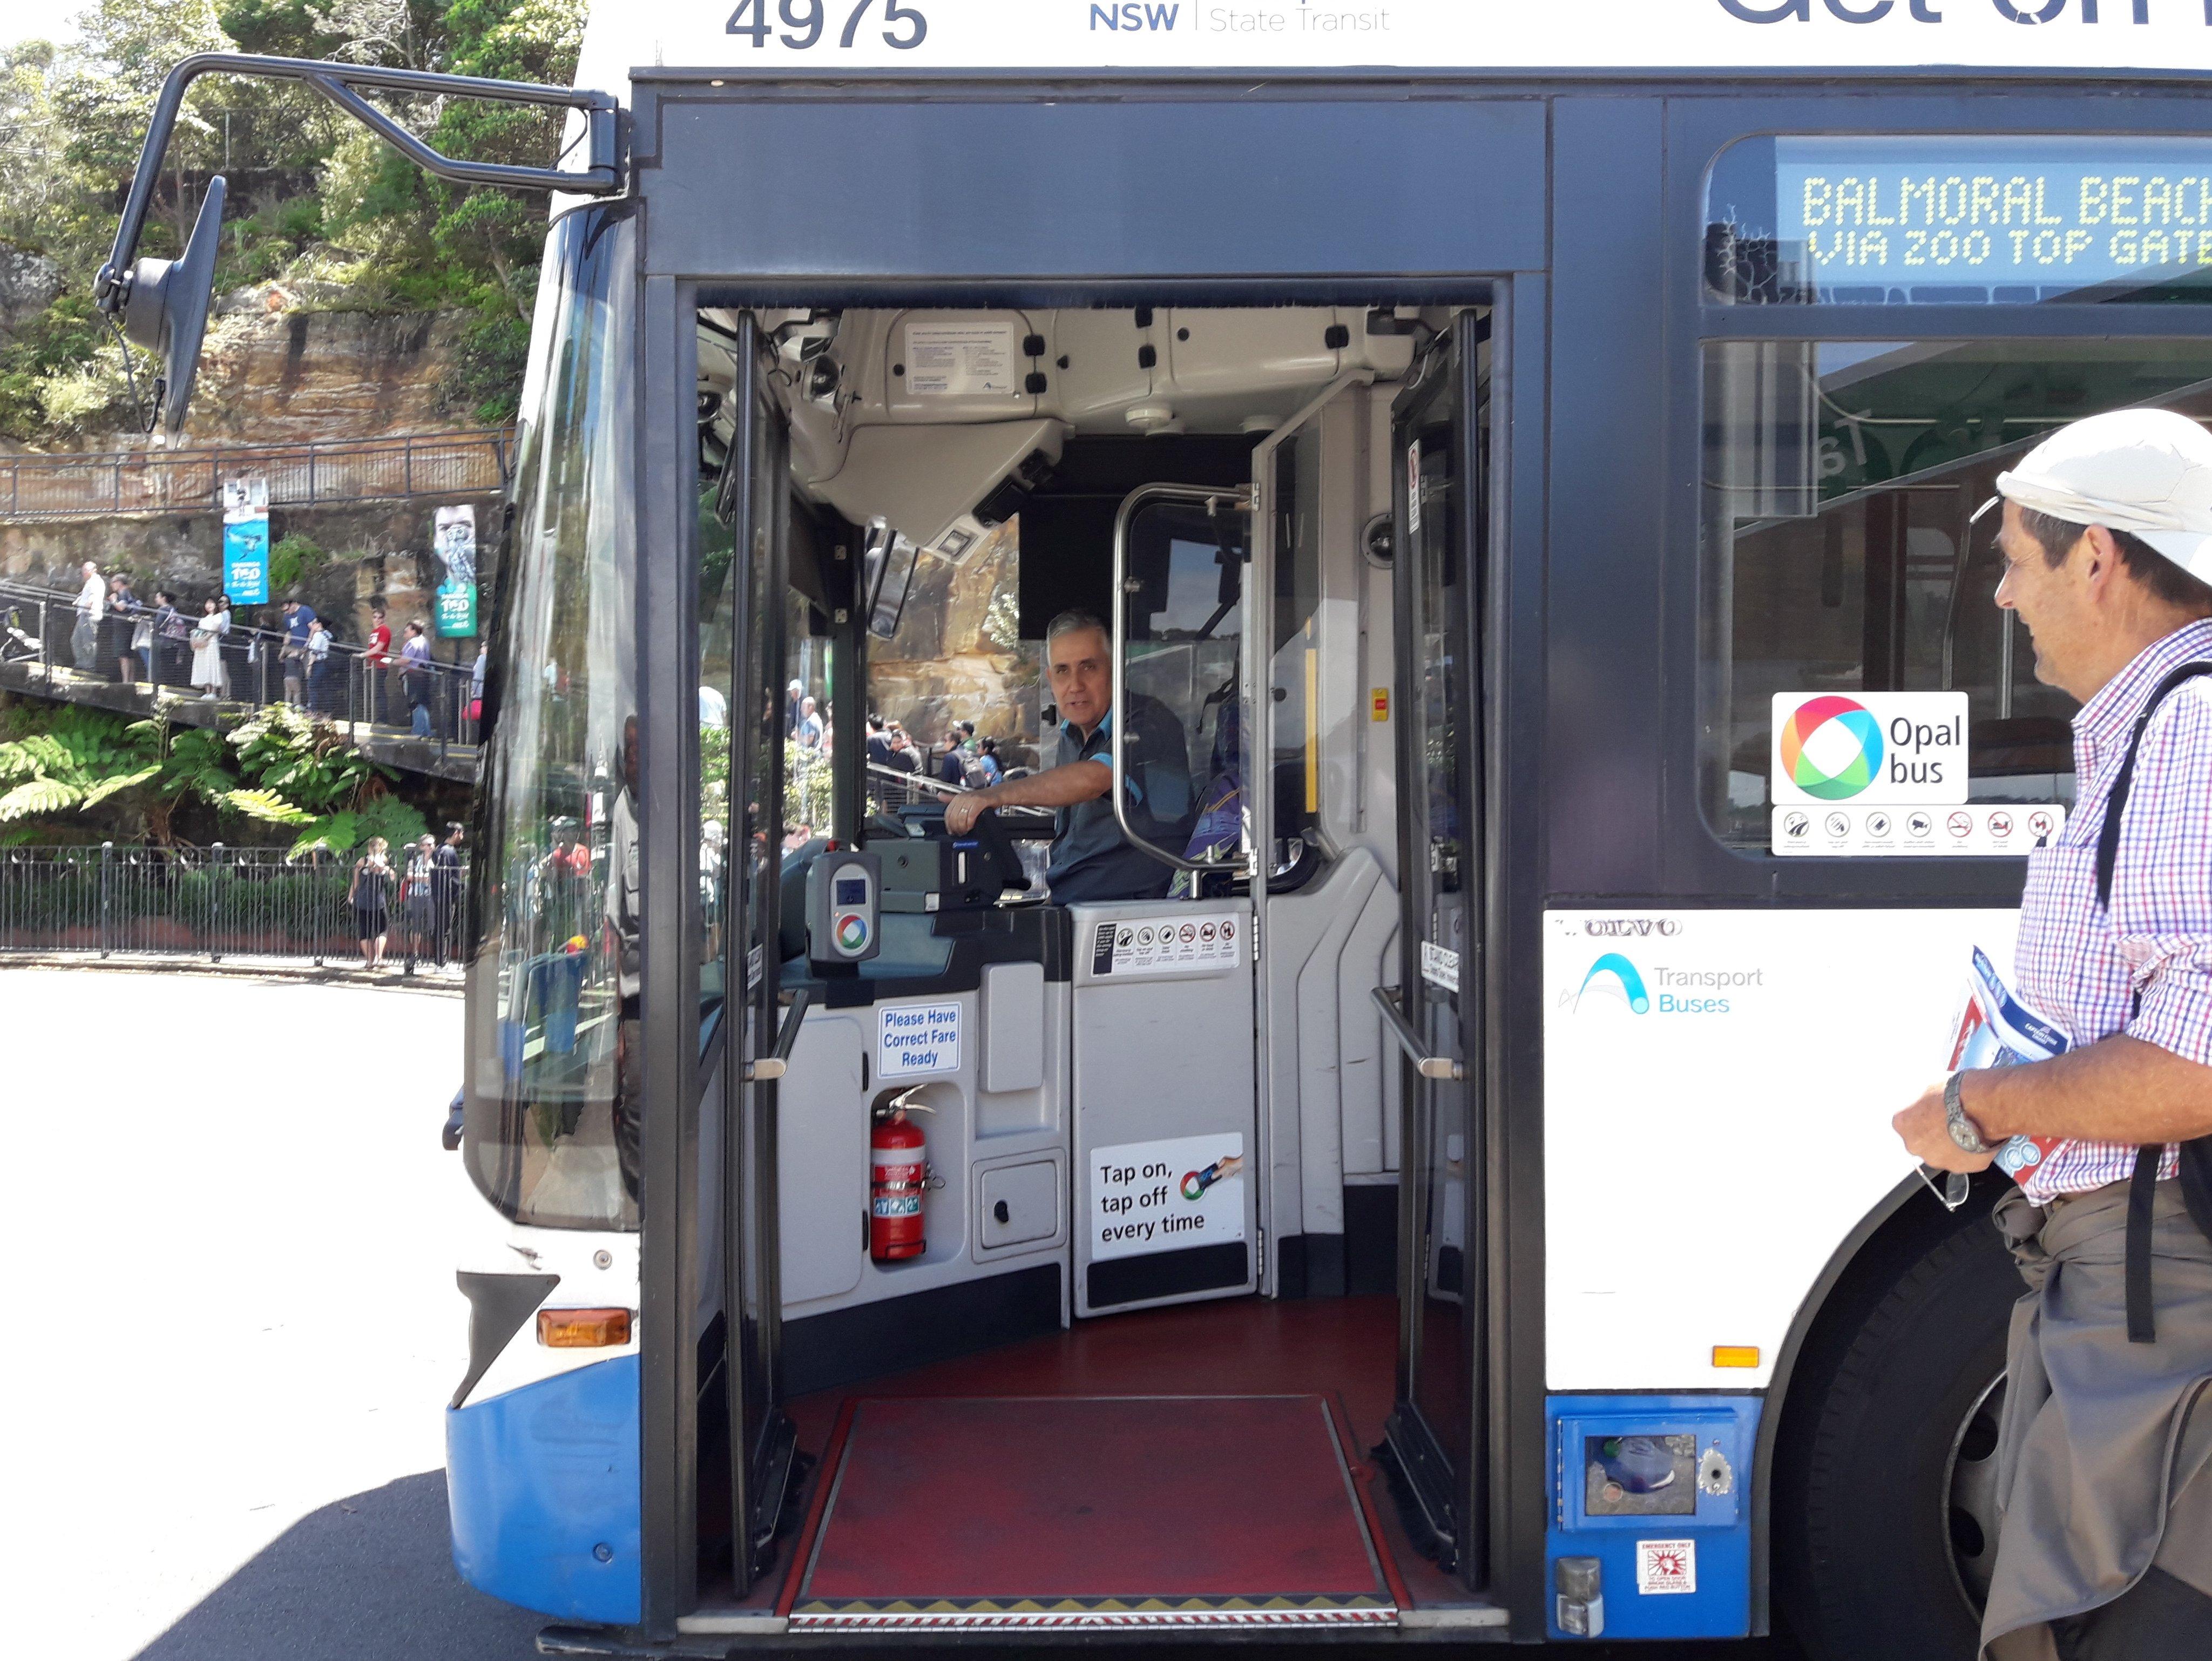 Bus con acceso de rampa por la parte delantera permitiendo el control del chofer